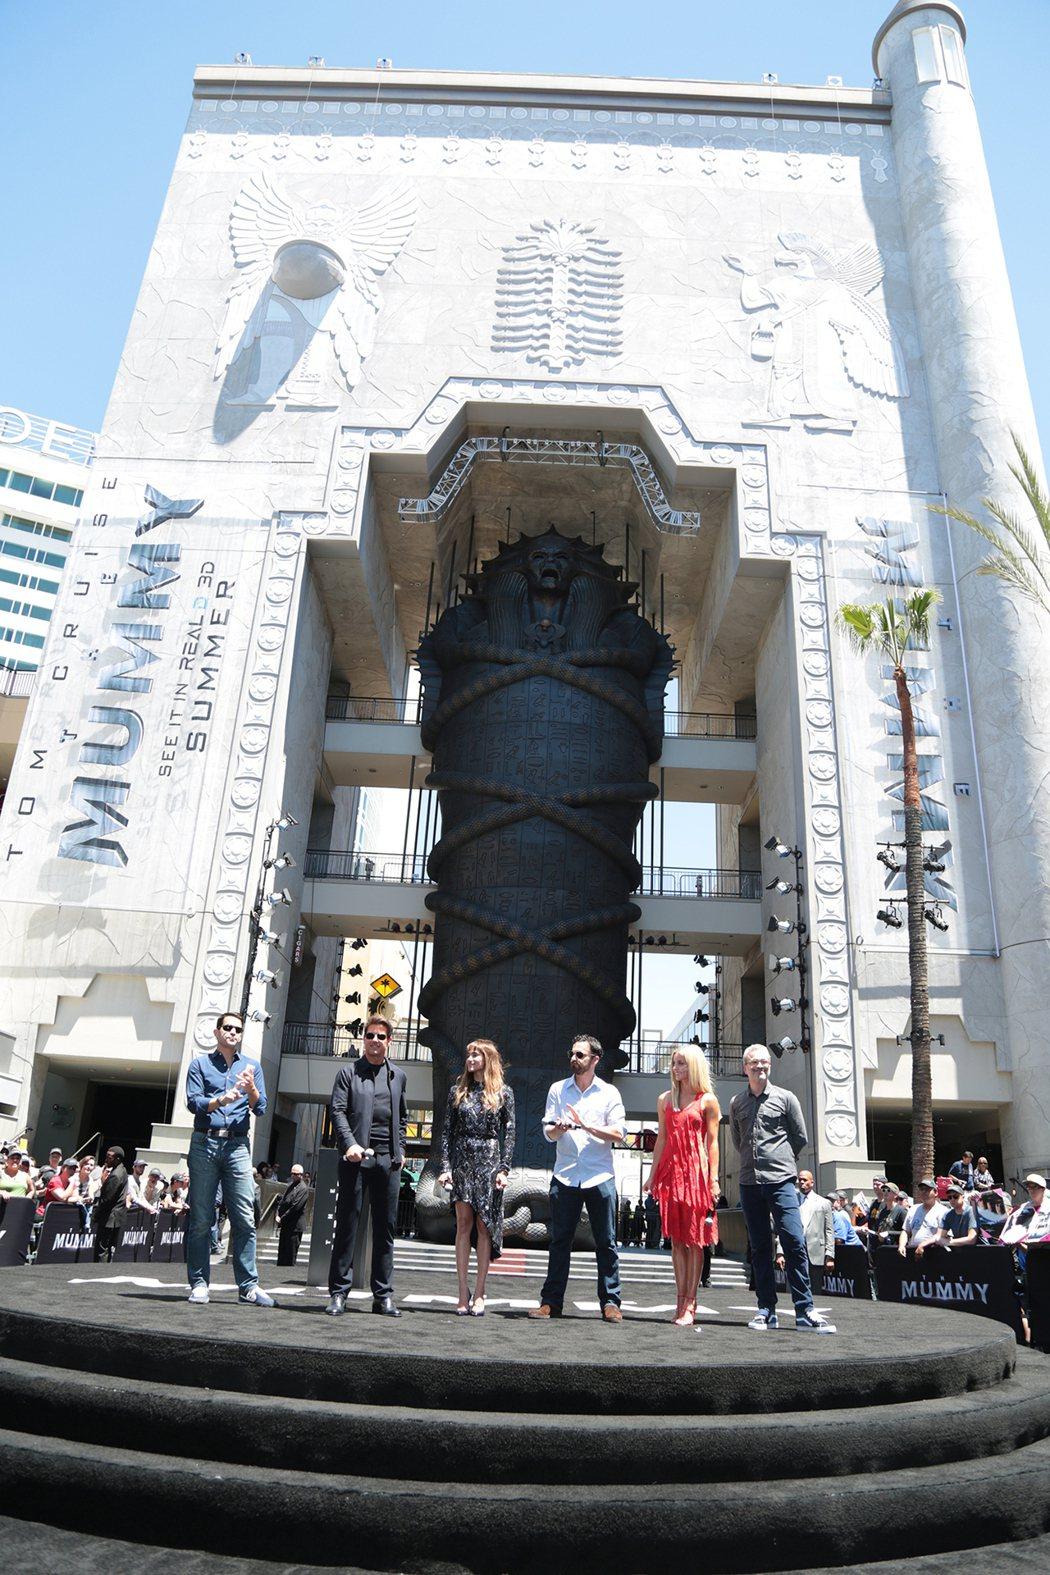 520被訂為「神鬼傳奇日」,6噸重超級大石棺好萊塢揭幕。圖UIP提供